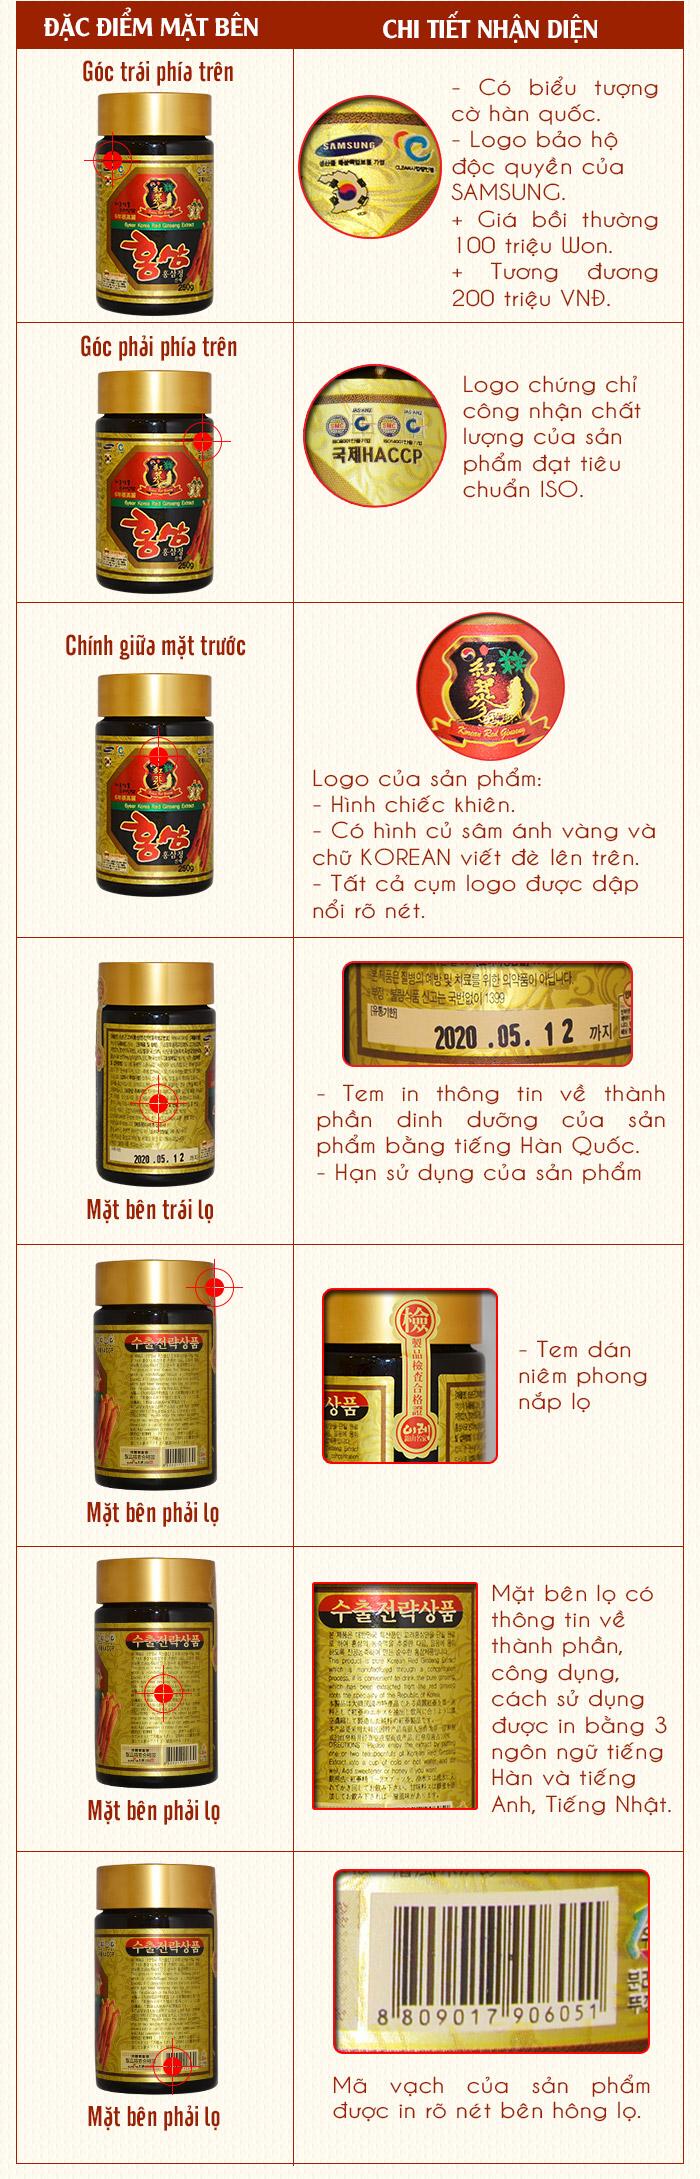 cao-hong-sam-6-nam-tuoi-han-quoc-1 (2)